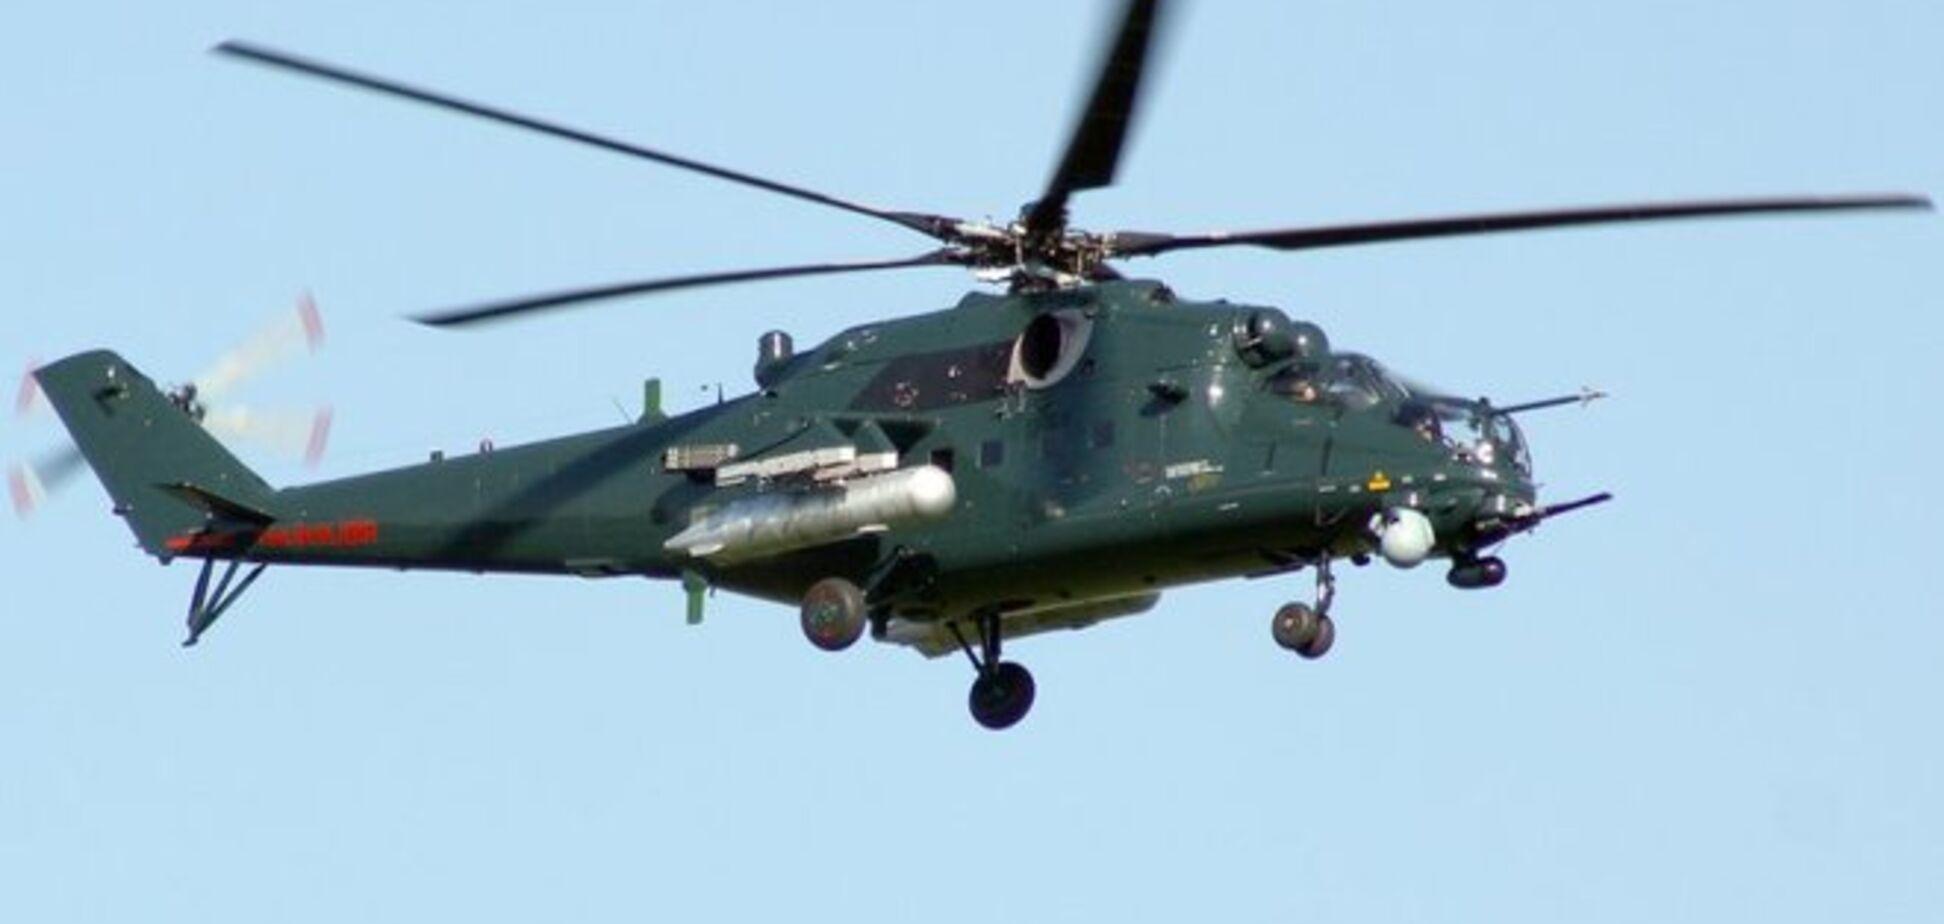 Вертолеты РФ пытались пересечь украинскую границу: их 'встретили' зенитками